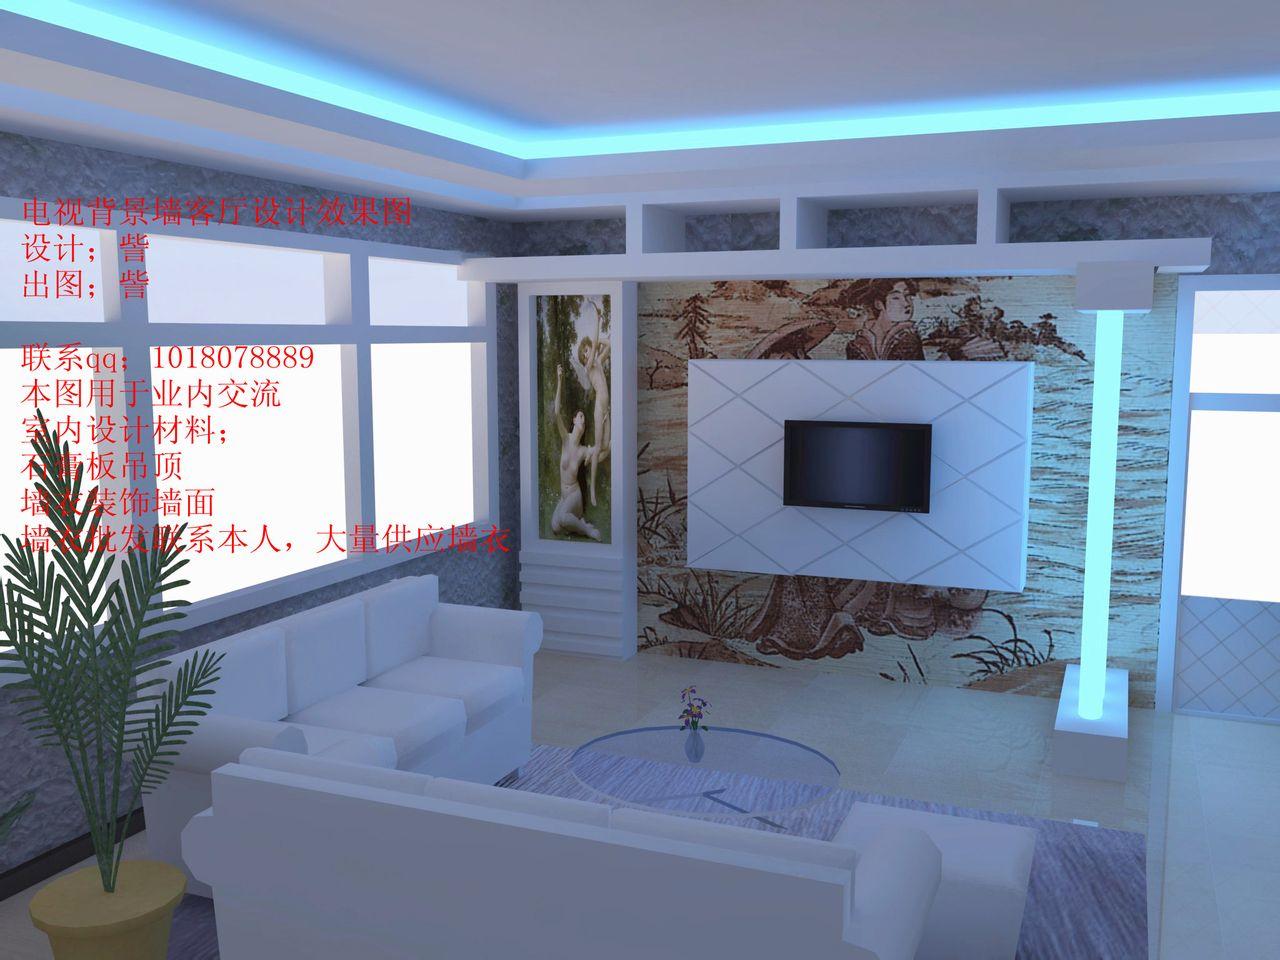 新房子装修 墙面贴壁纸 刮大白 刷乳胶漆哪个方